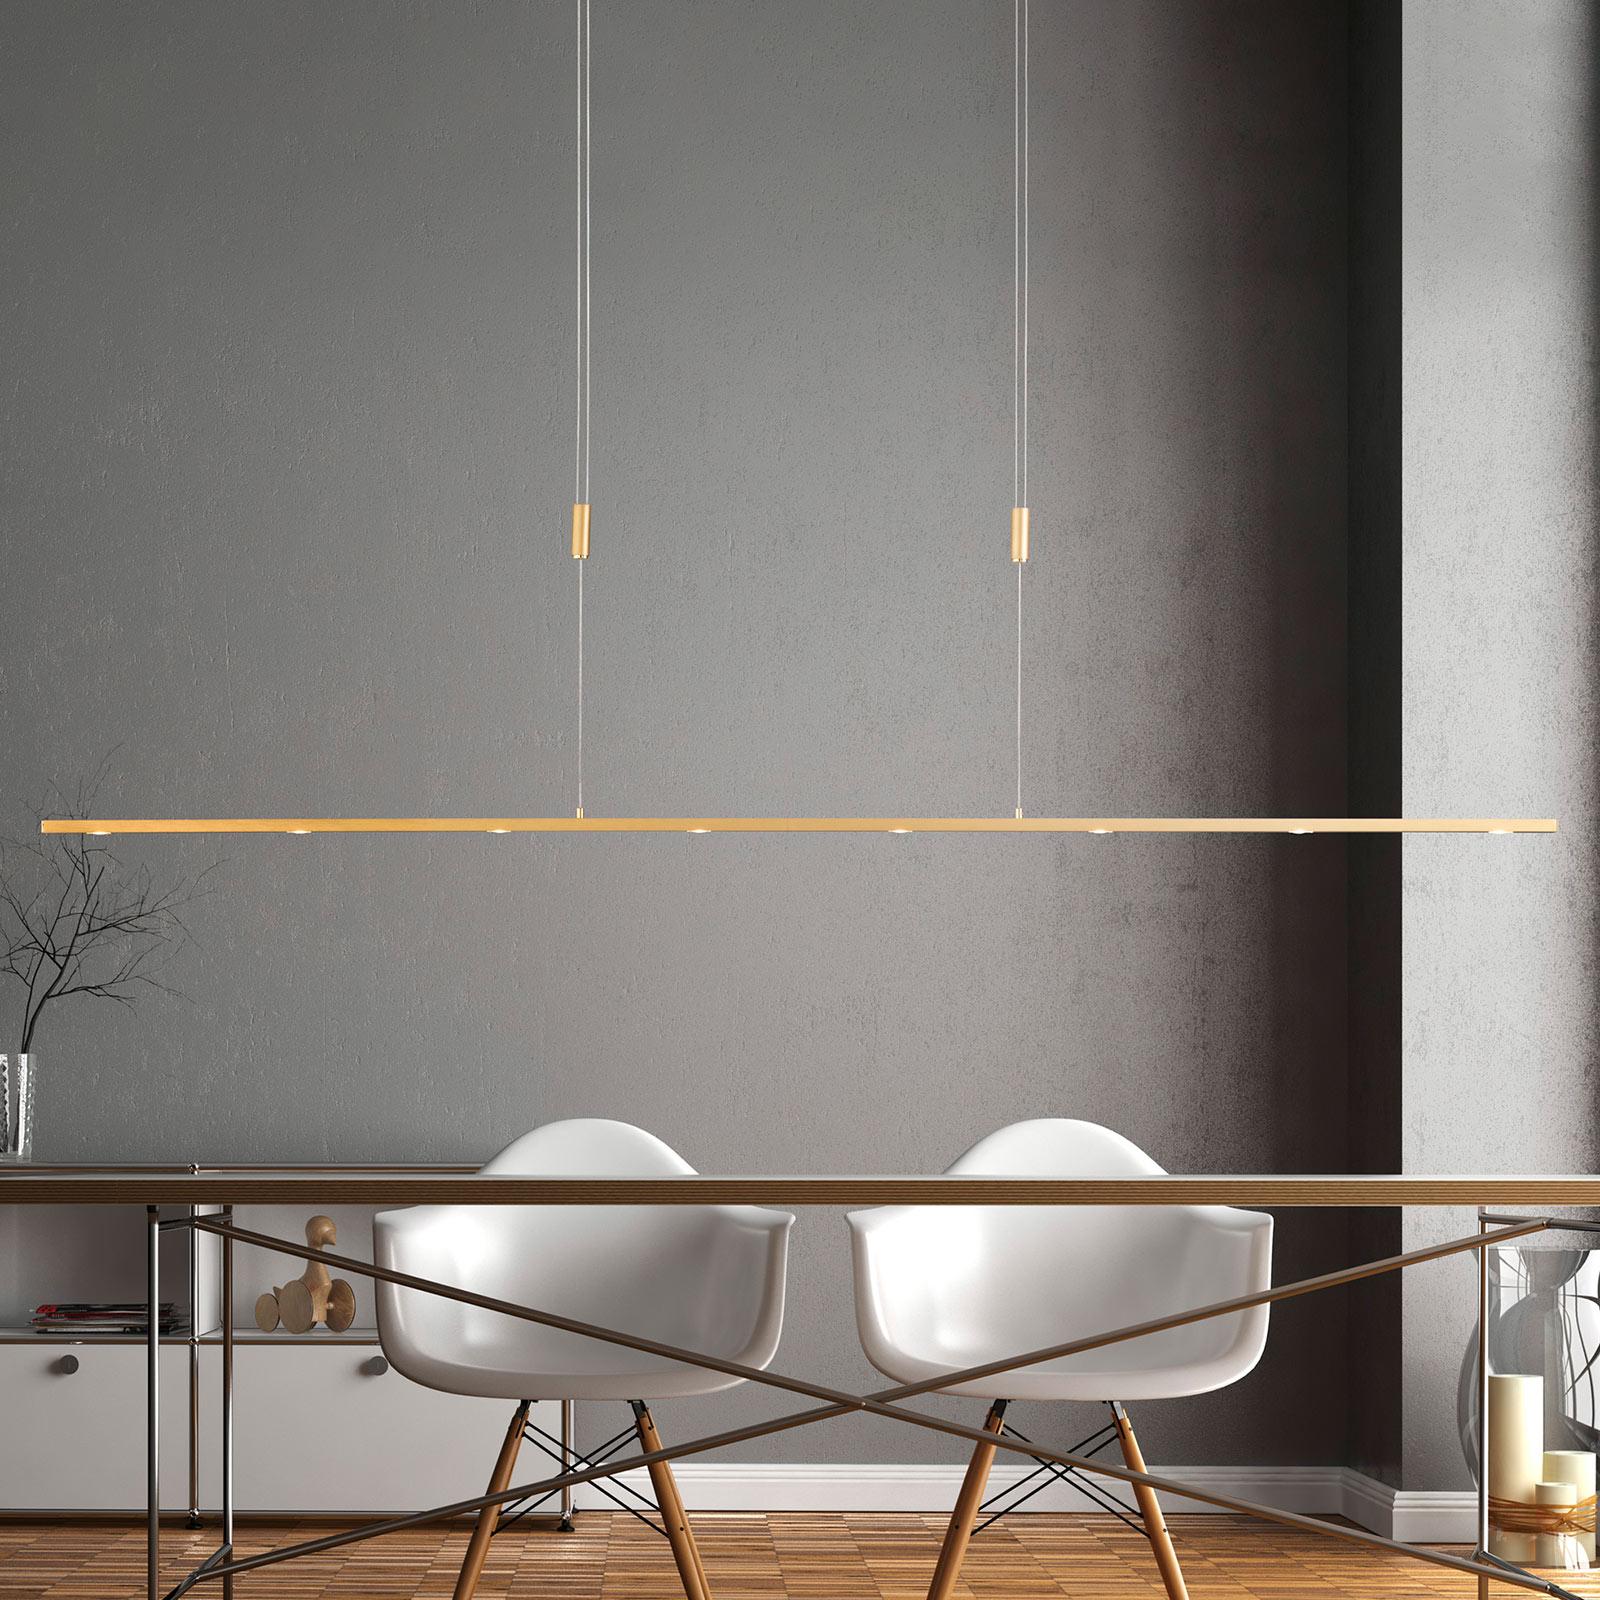 Lucande Tolu LED hanglamp, messing, 179 cm